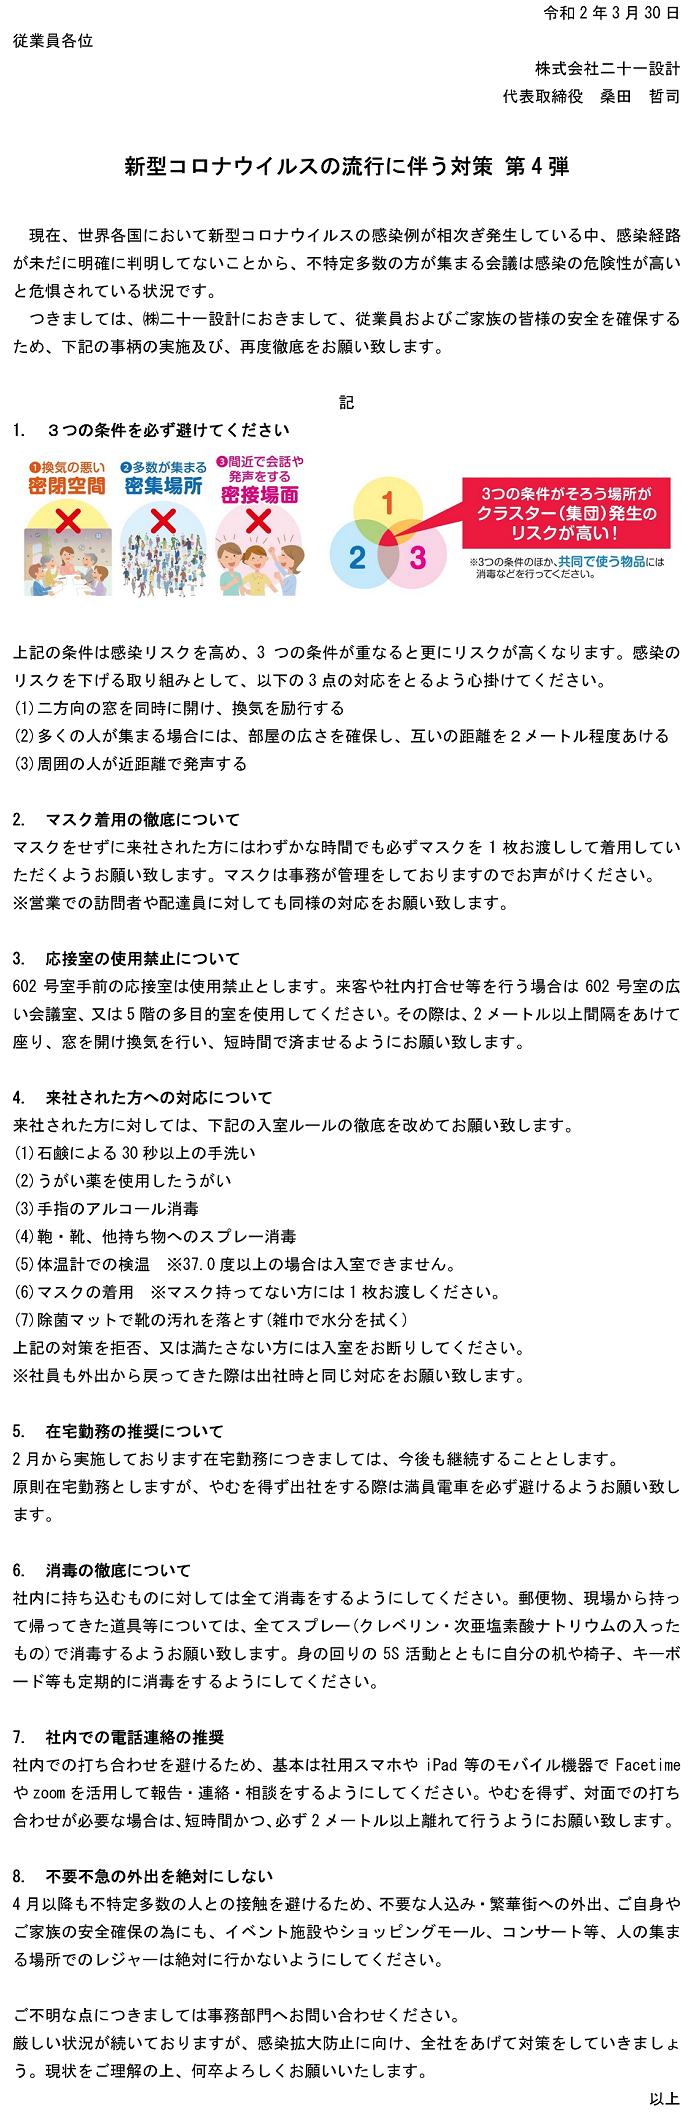 20200330コロナ社外通達_4_resize